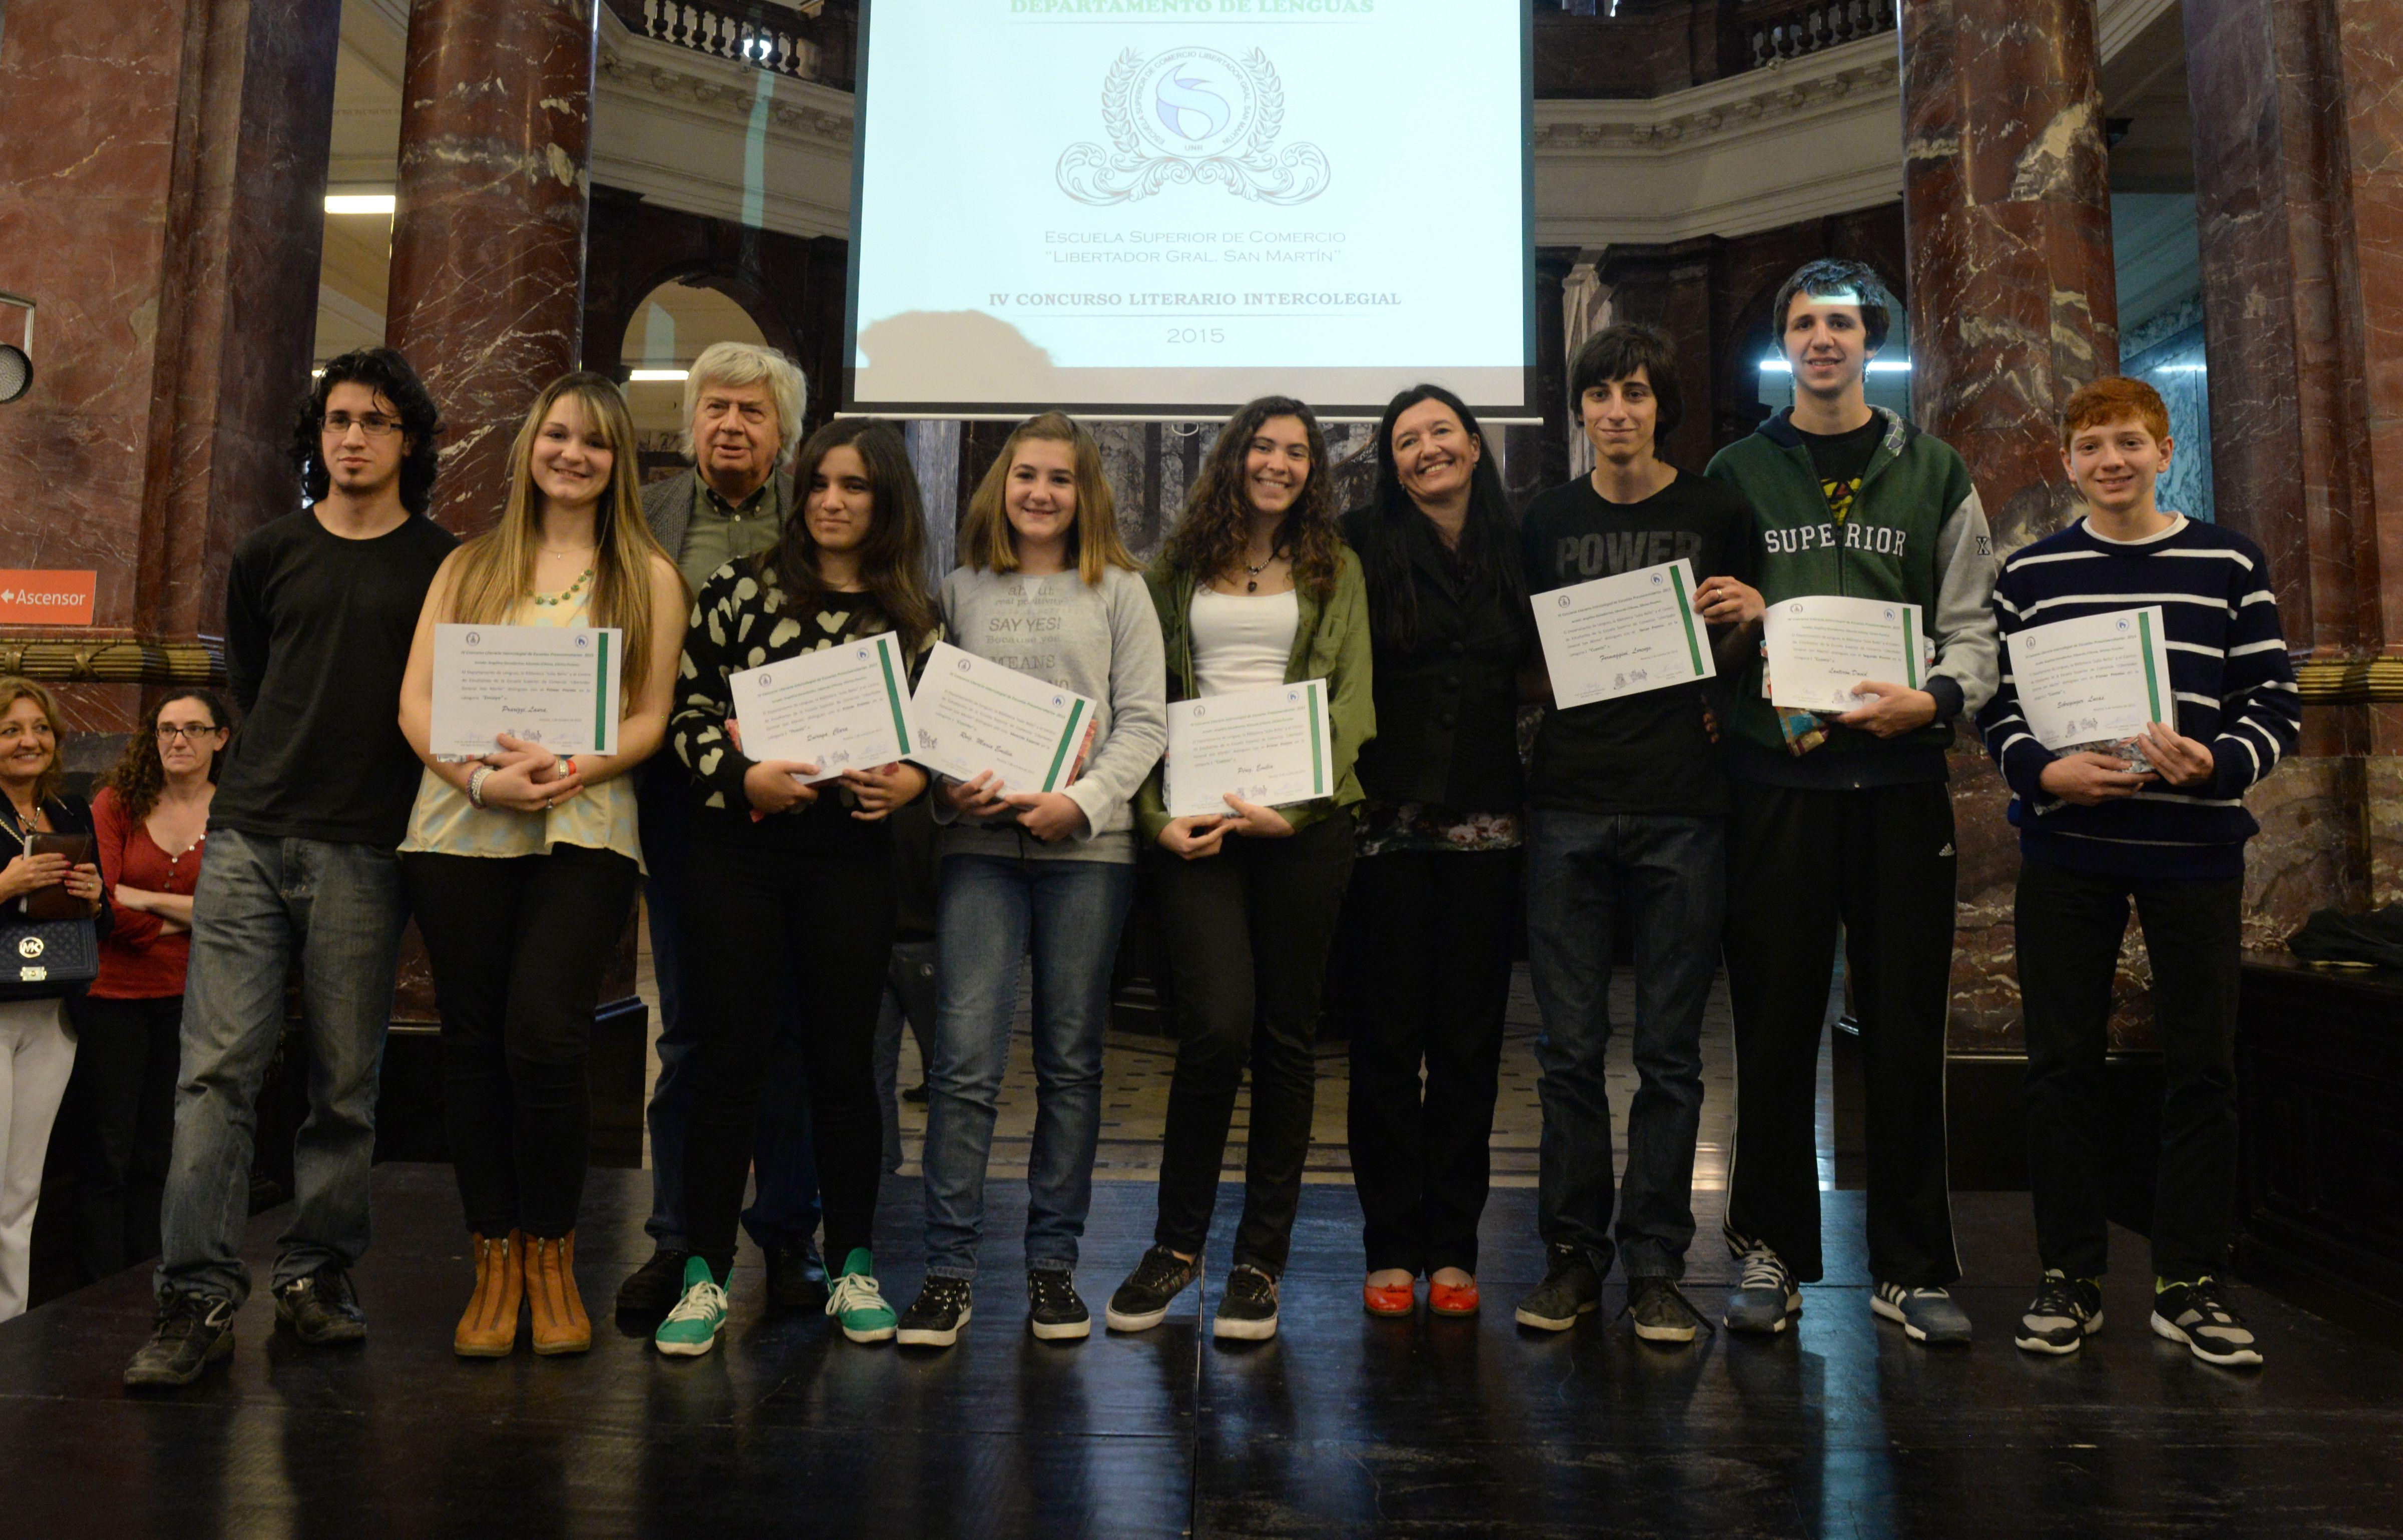 Los estudiantes premiados en el concurso literario acompañados por Eduardo D'Anna y Silvina Pessino